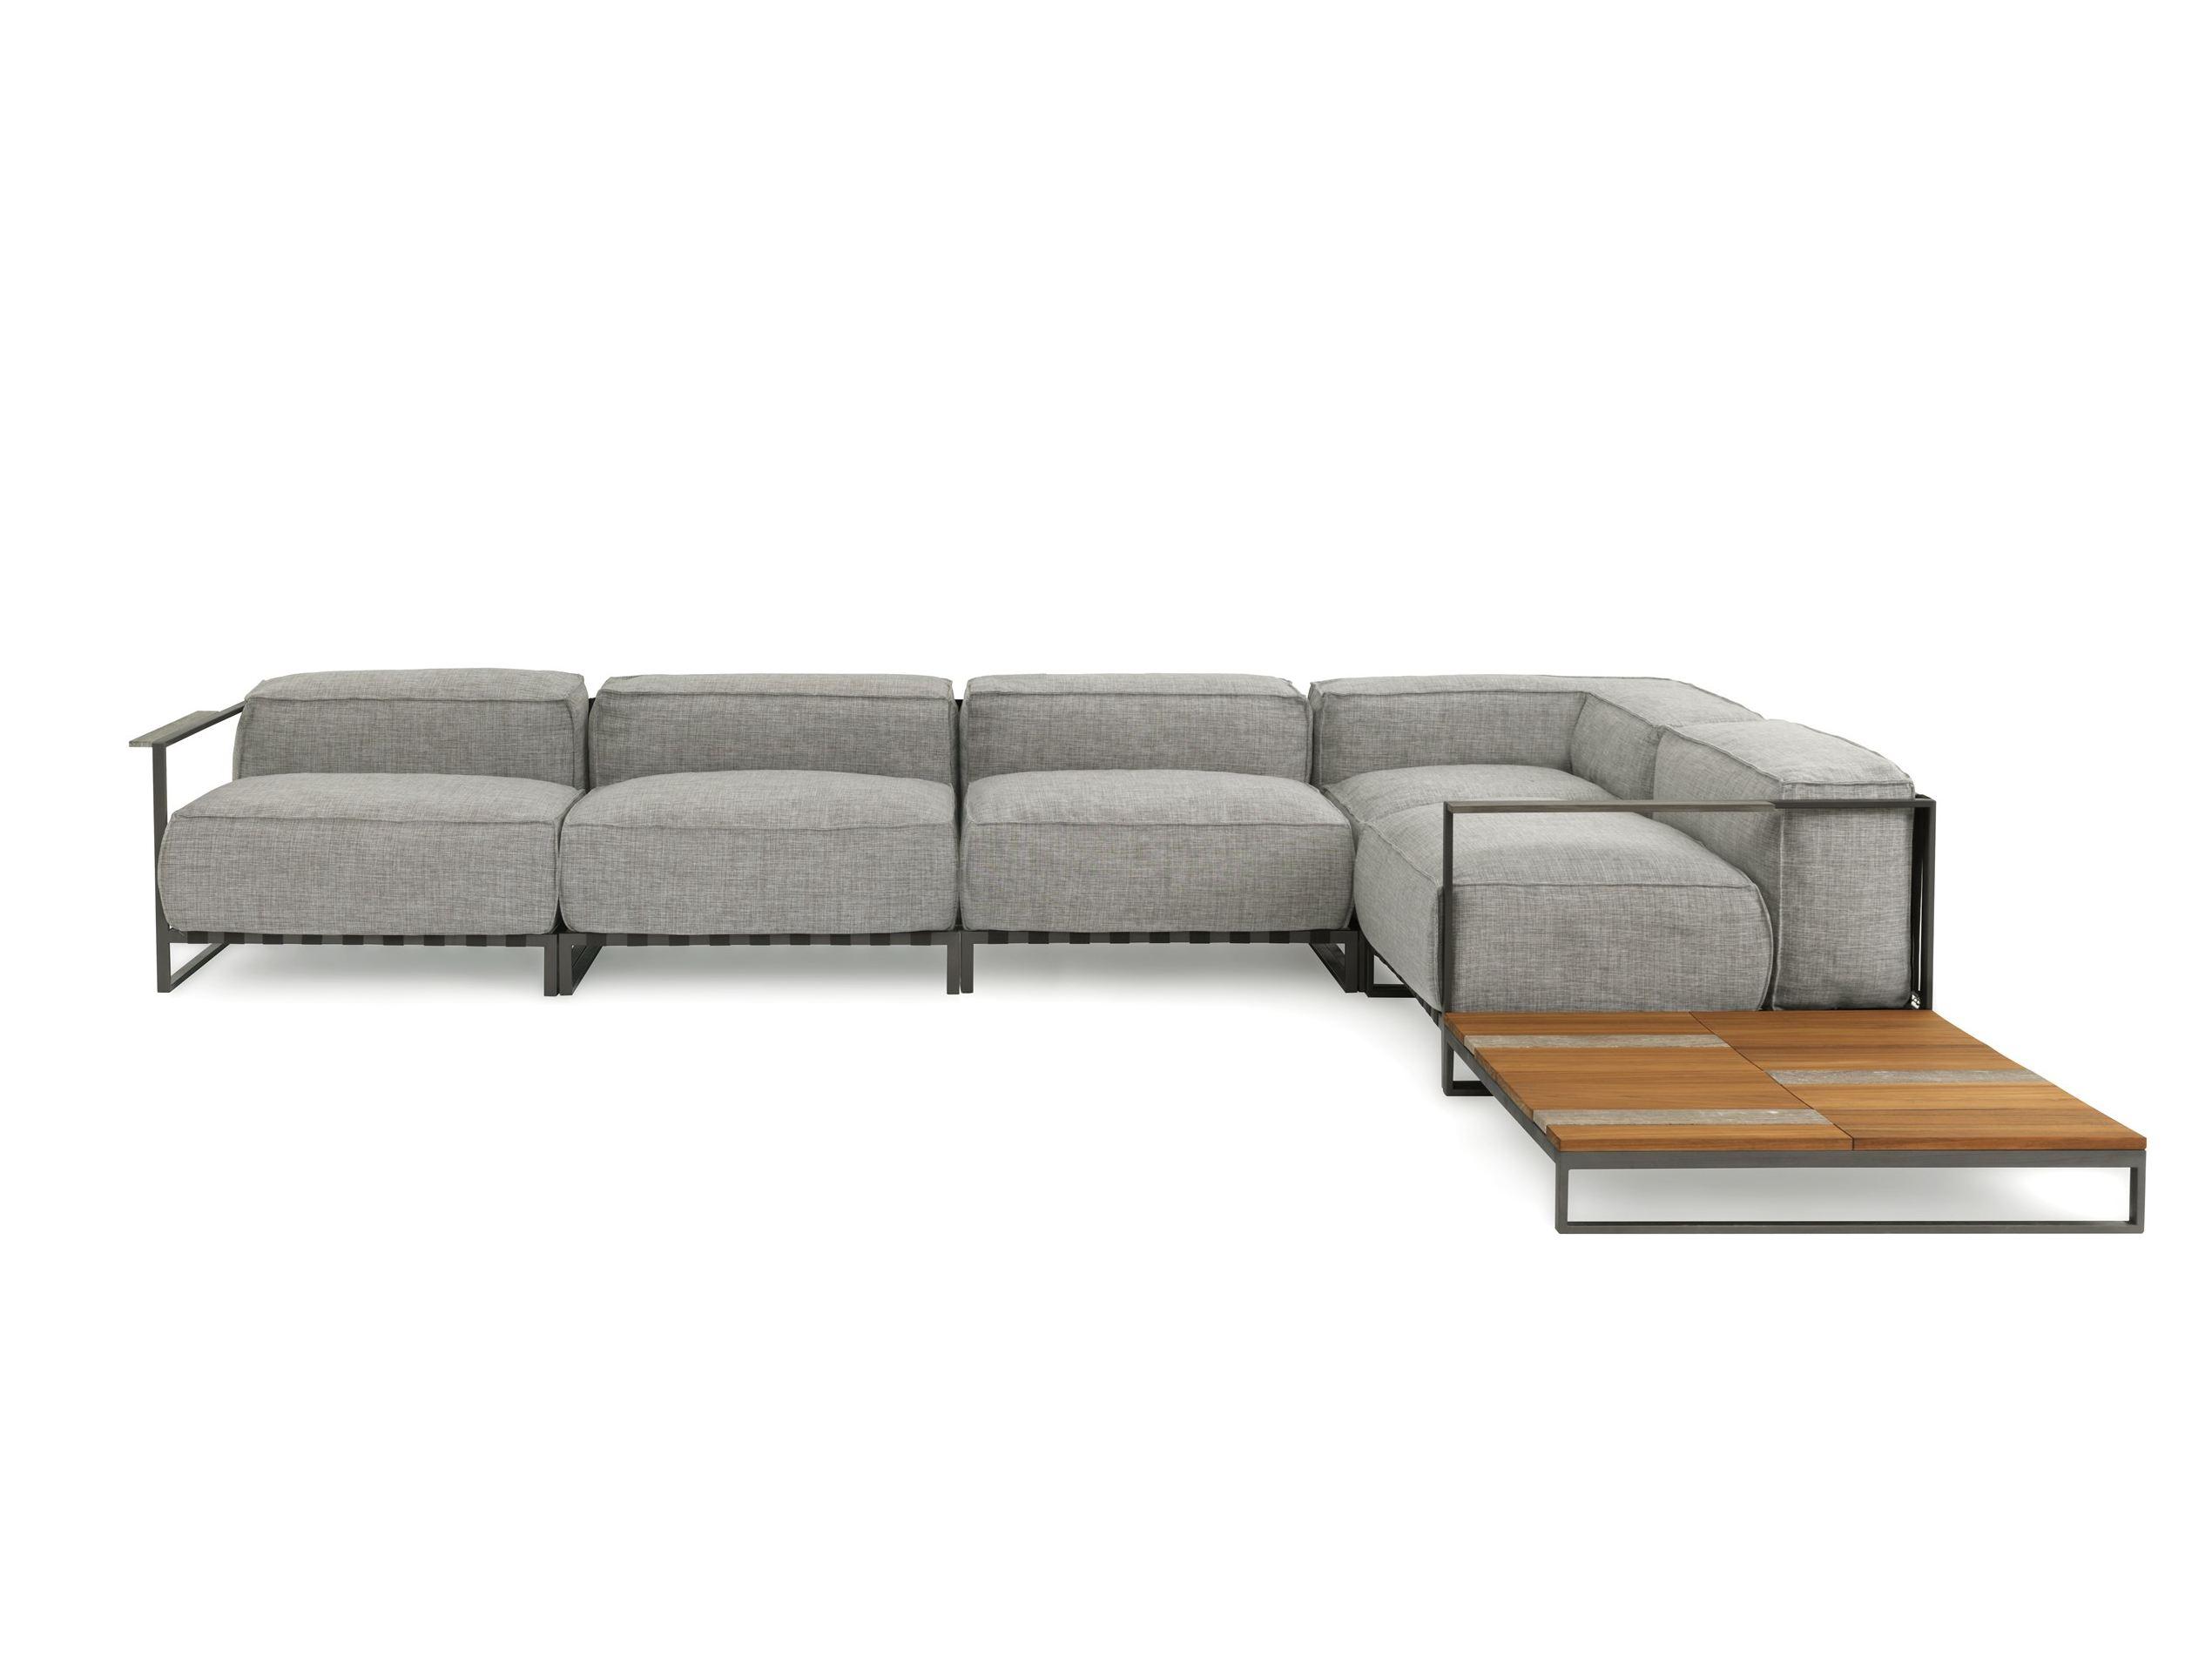 Badar modular sectional sofa couture outdoor for Sofa modular exterior